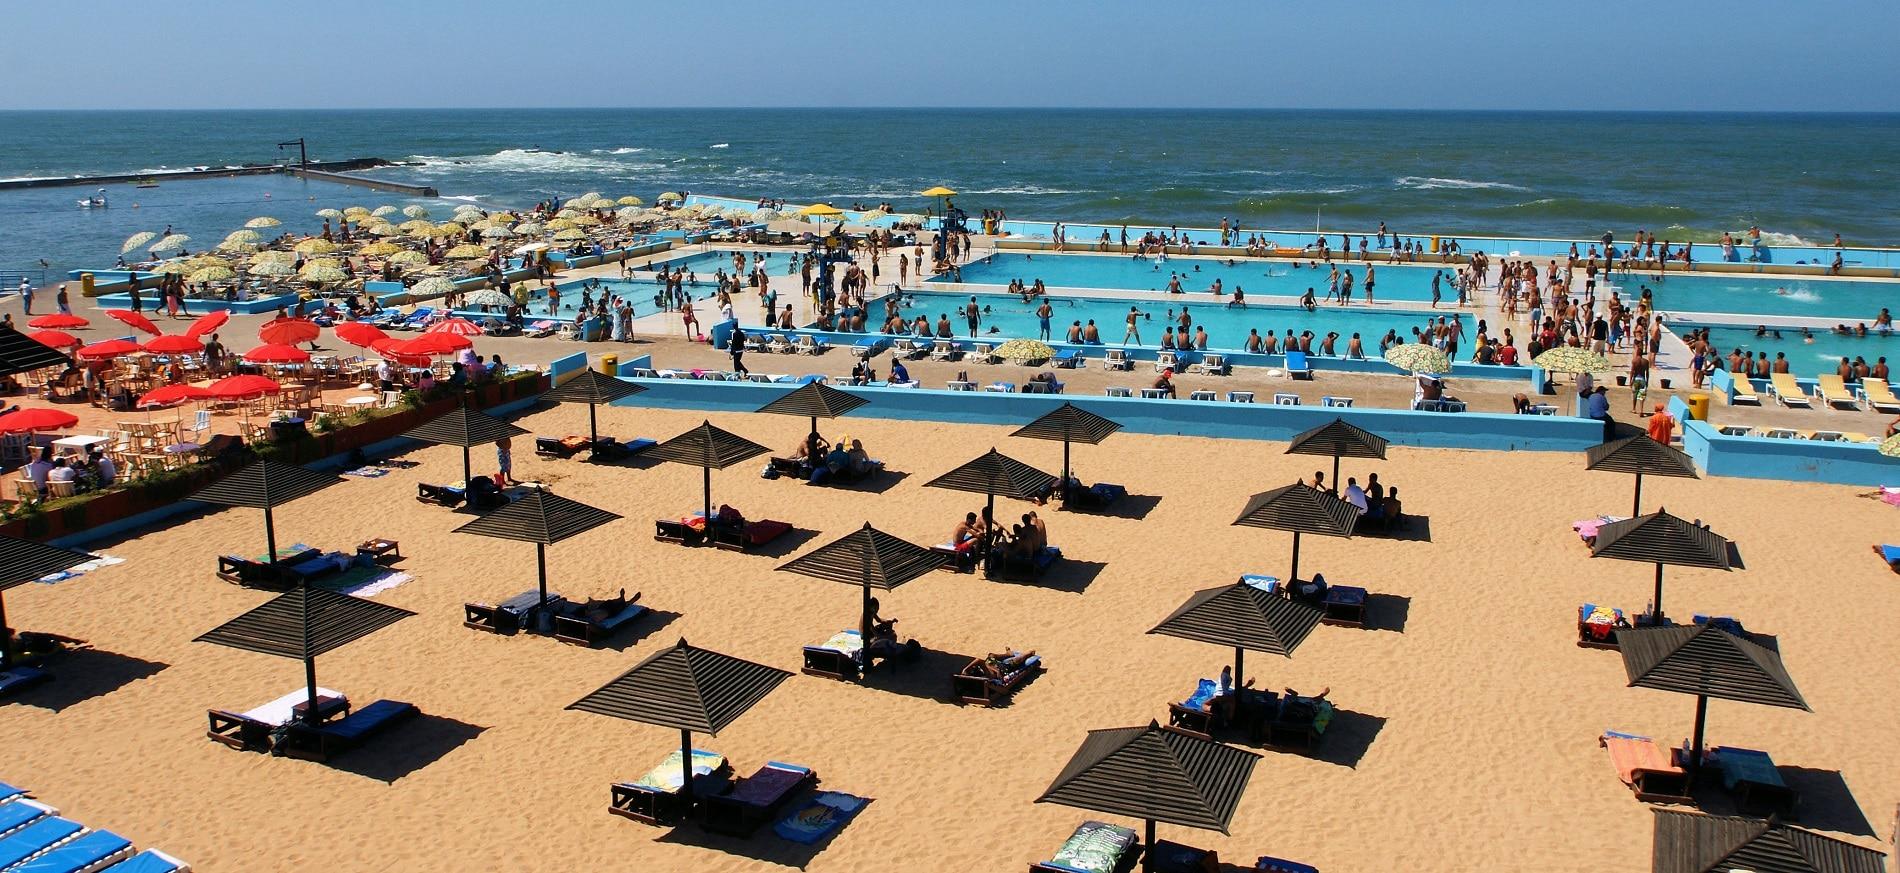 Plajele din Casablanca sunt cele mai bune plaje din Maroc